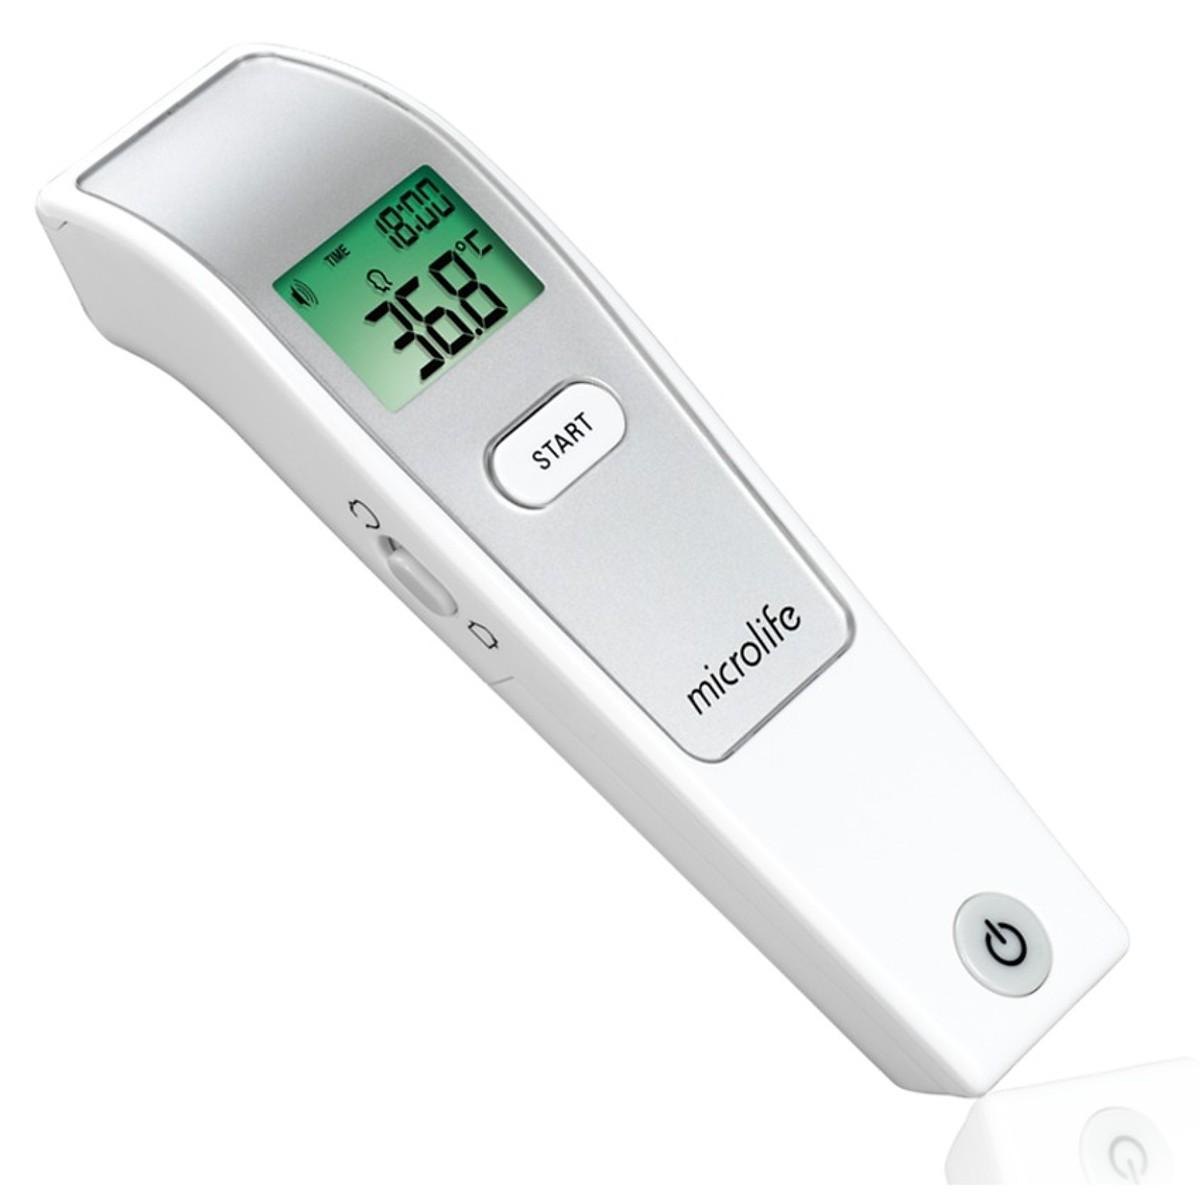 Combo Máy Đo Huyết Áp Bắp Tay Microlife A2 Classic + Adapter + Nhiệt Kế Hồng Ngoại Đo Trán MIcrolife FR1MF1